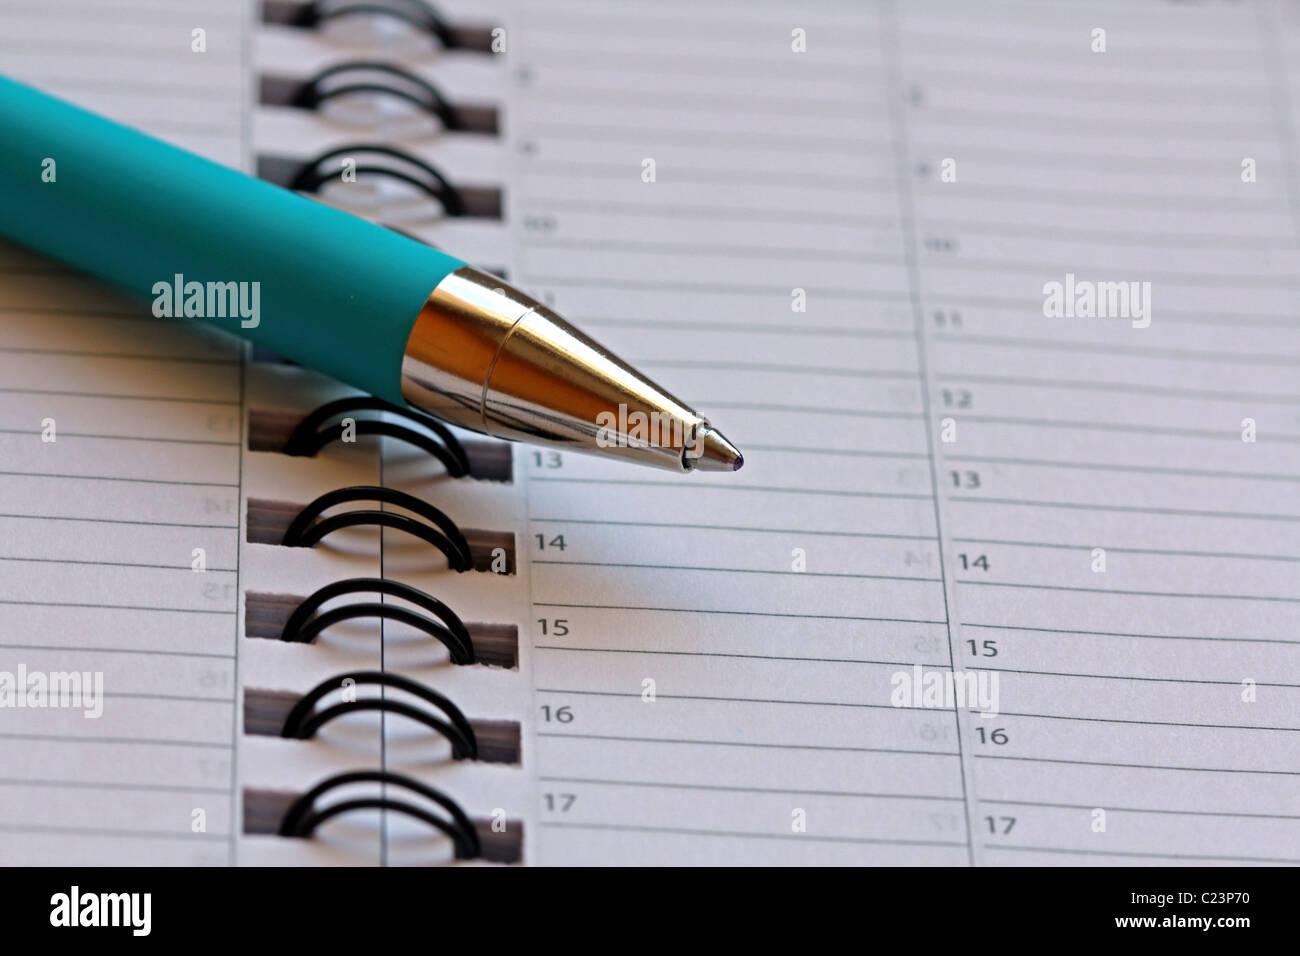 Pagina Calendario Settimanale.Penna A Sfera Su Calendario Settimanale Pagina Foto